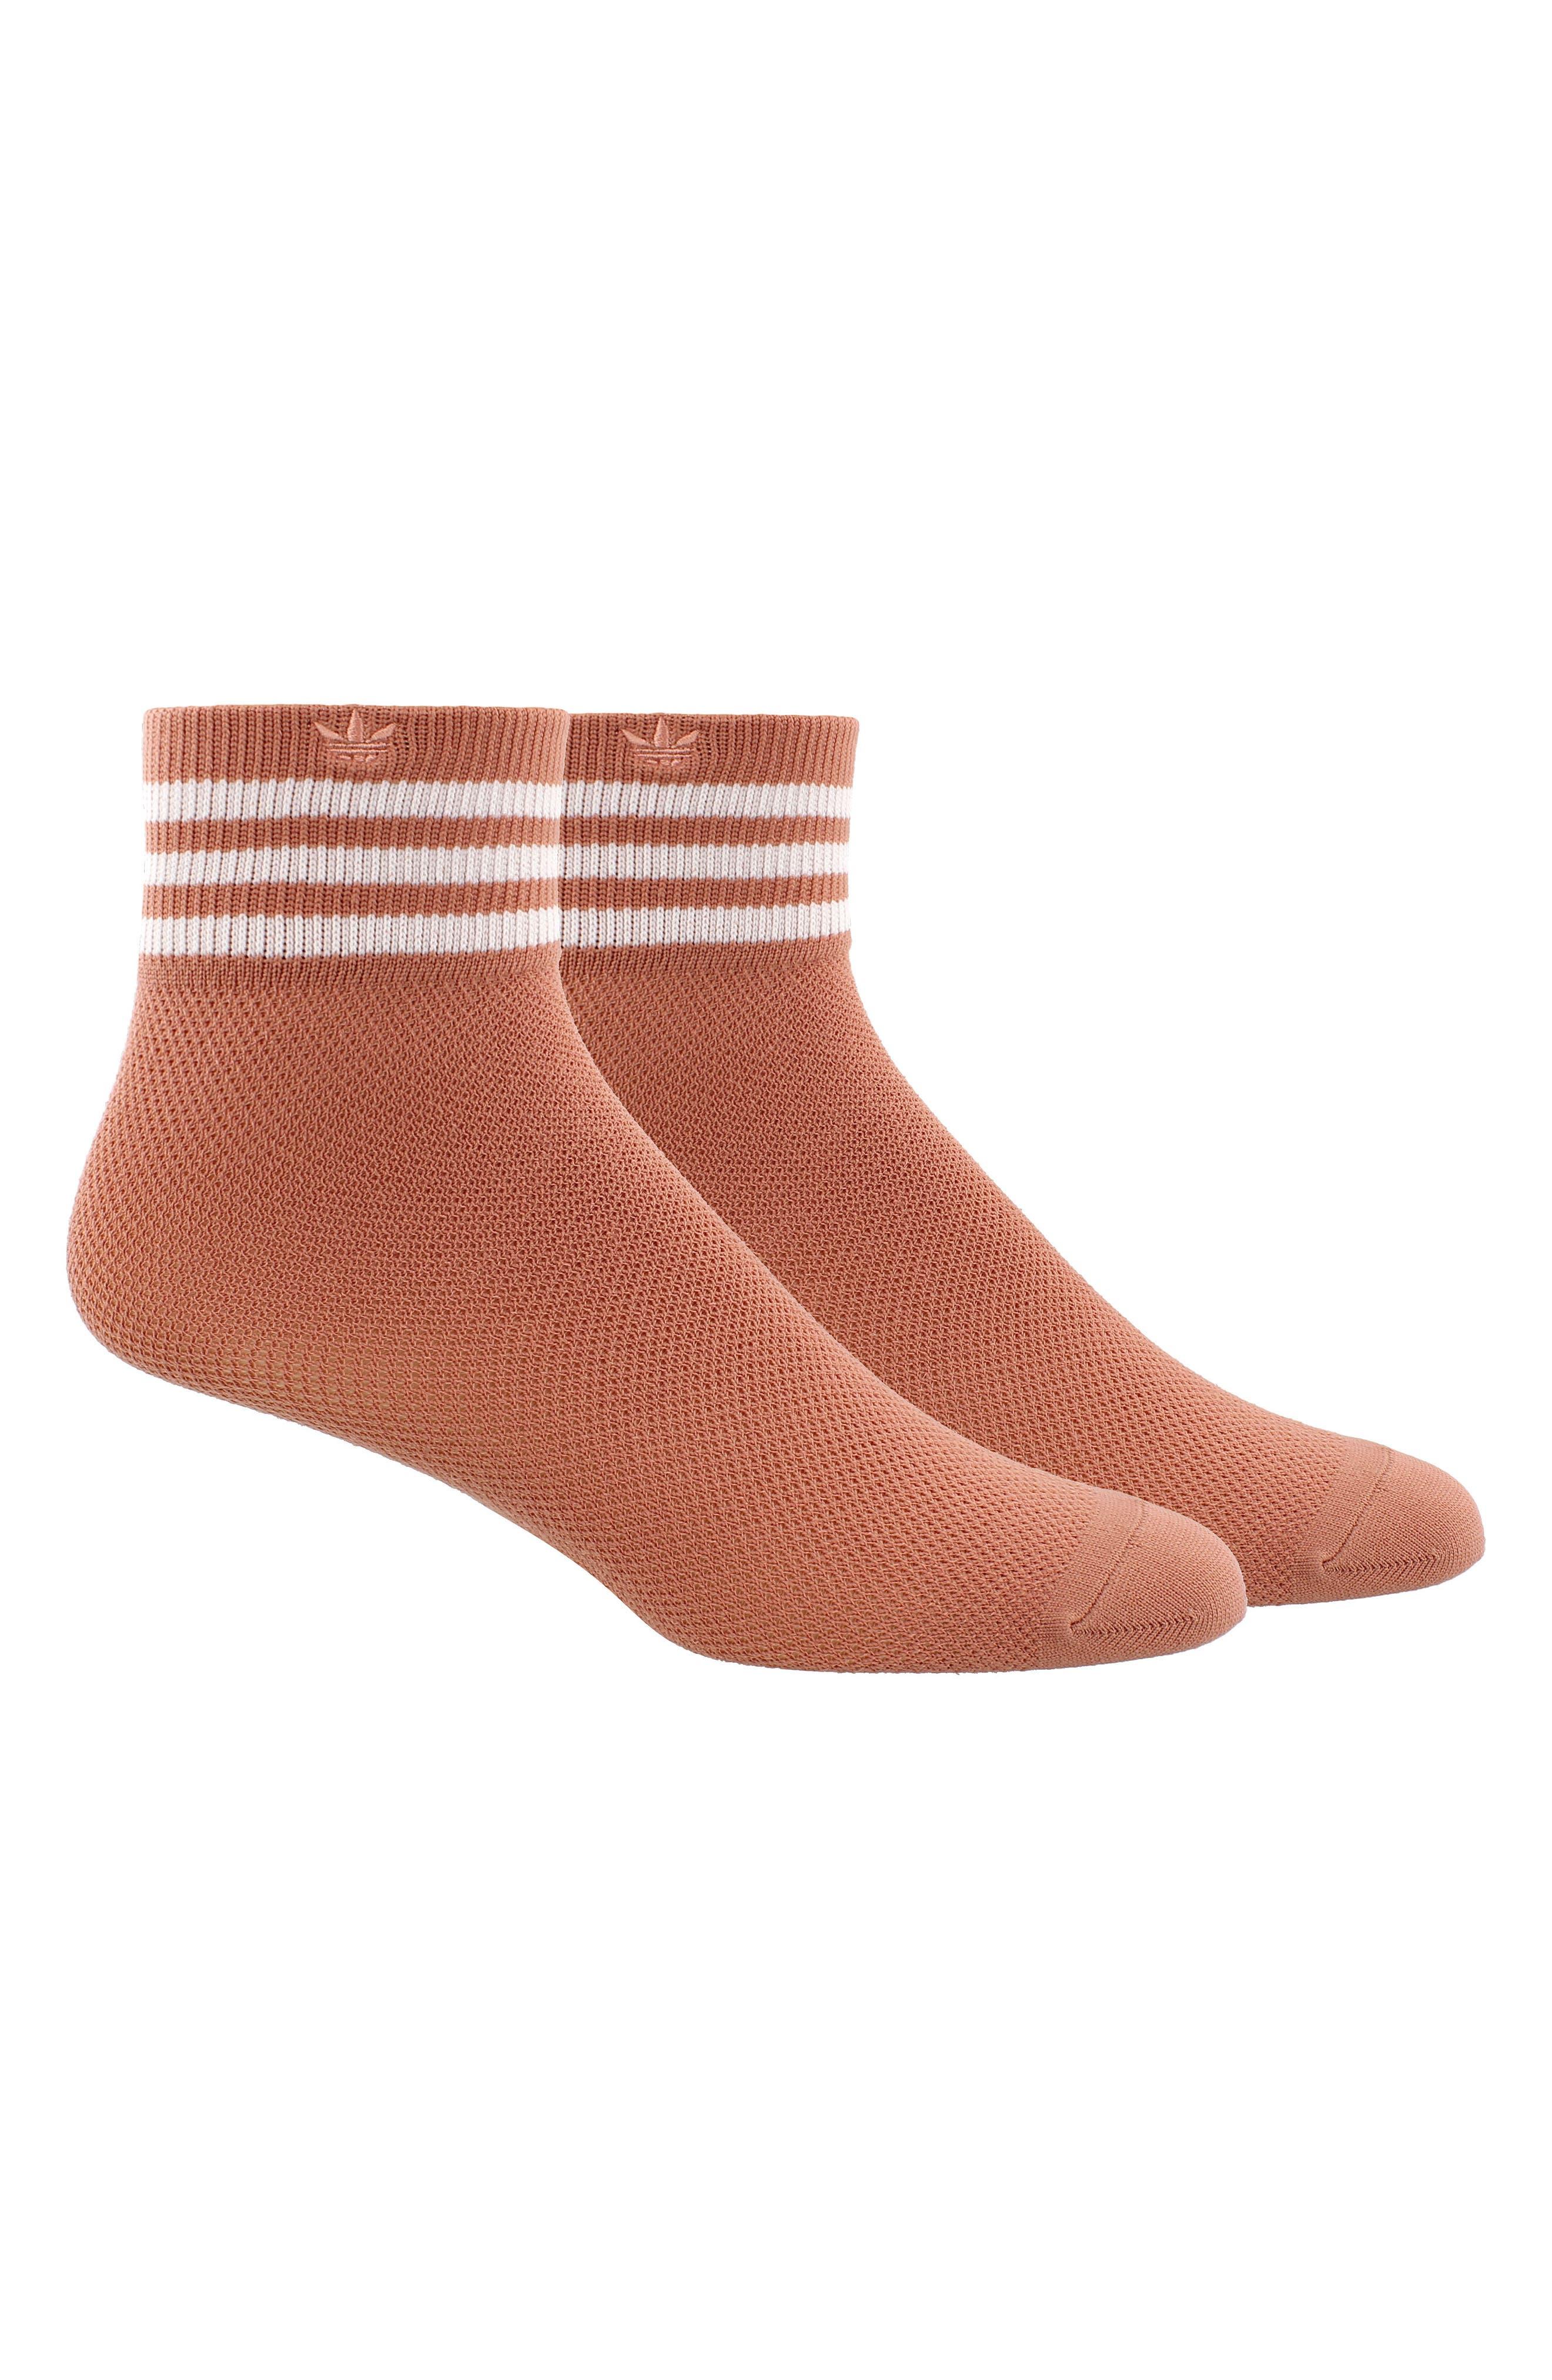 Stripe Mesh Ankle Socks,                             Alternate thumbnail 2, color,                             660